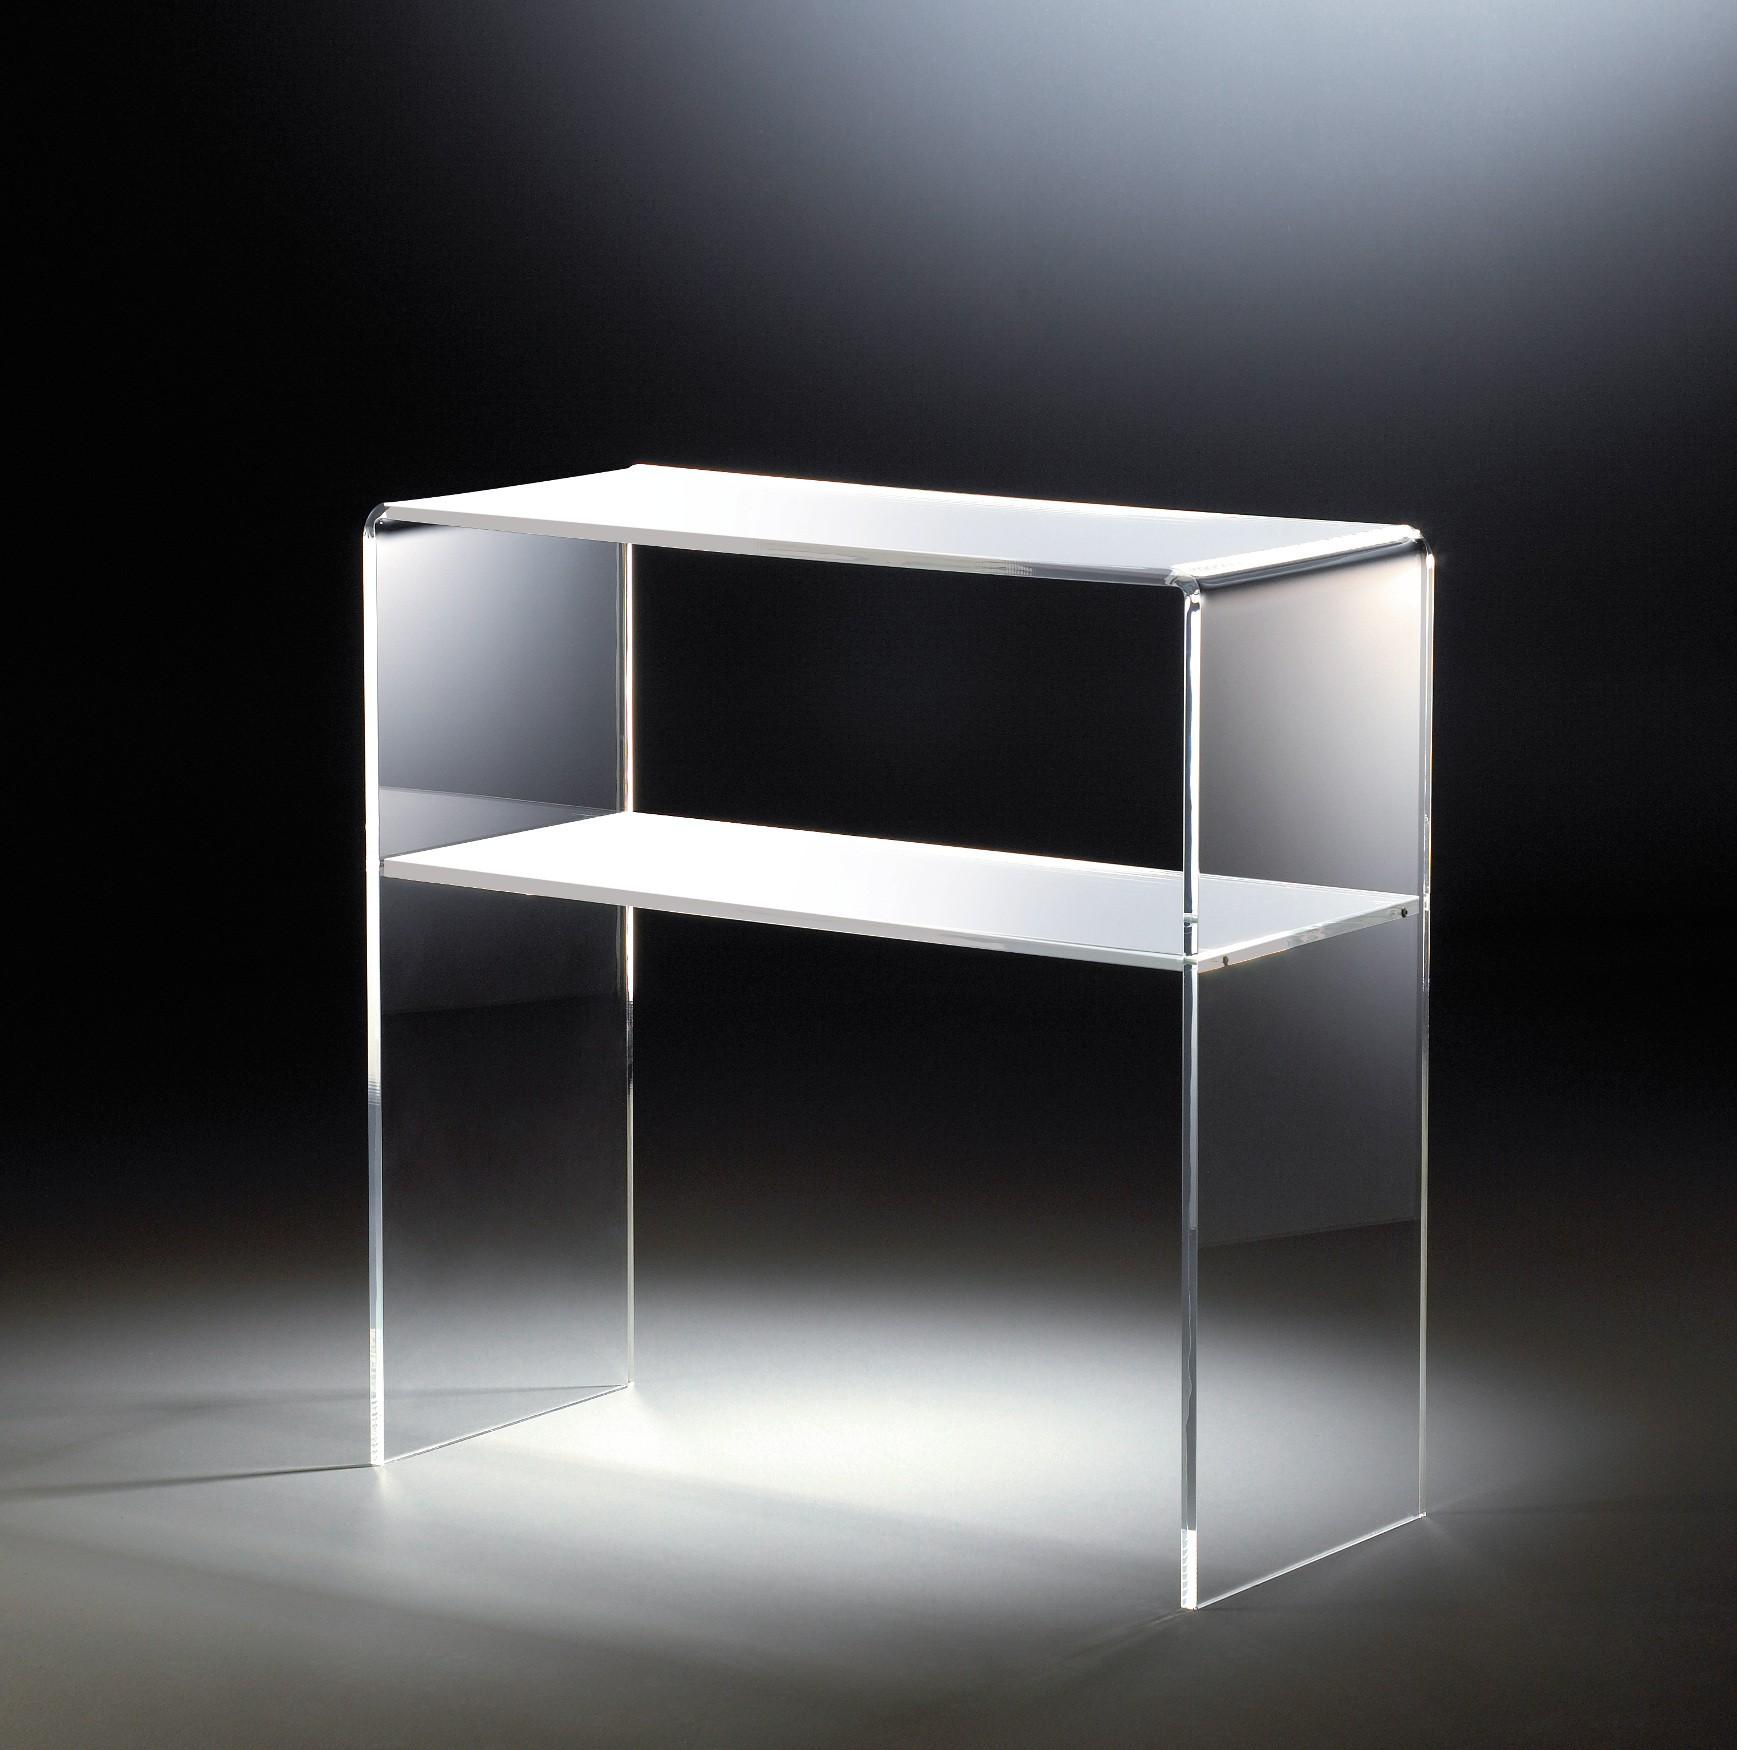 Beistelltisch vegas konsole 70 cm aus acrylglas for Beistelltisch 70 cm